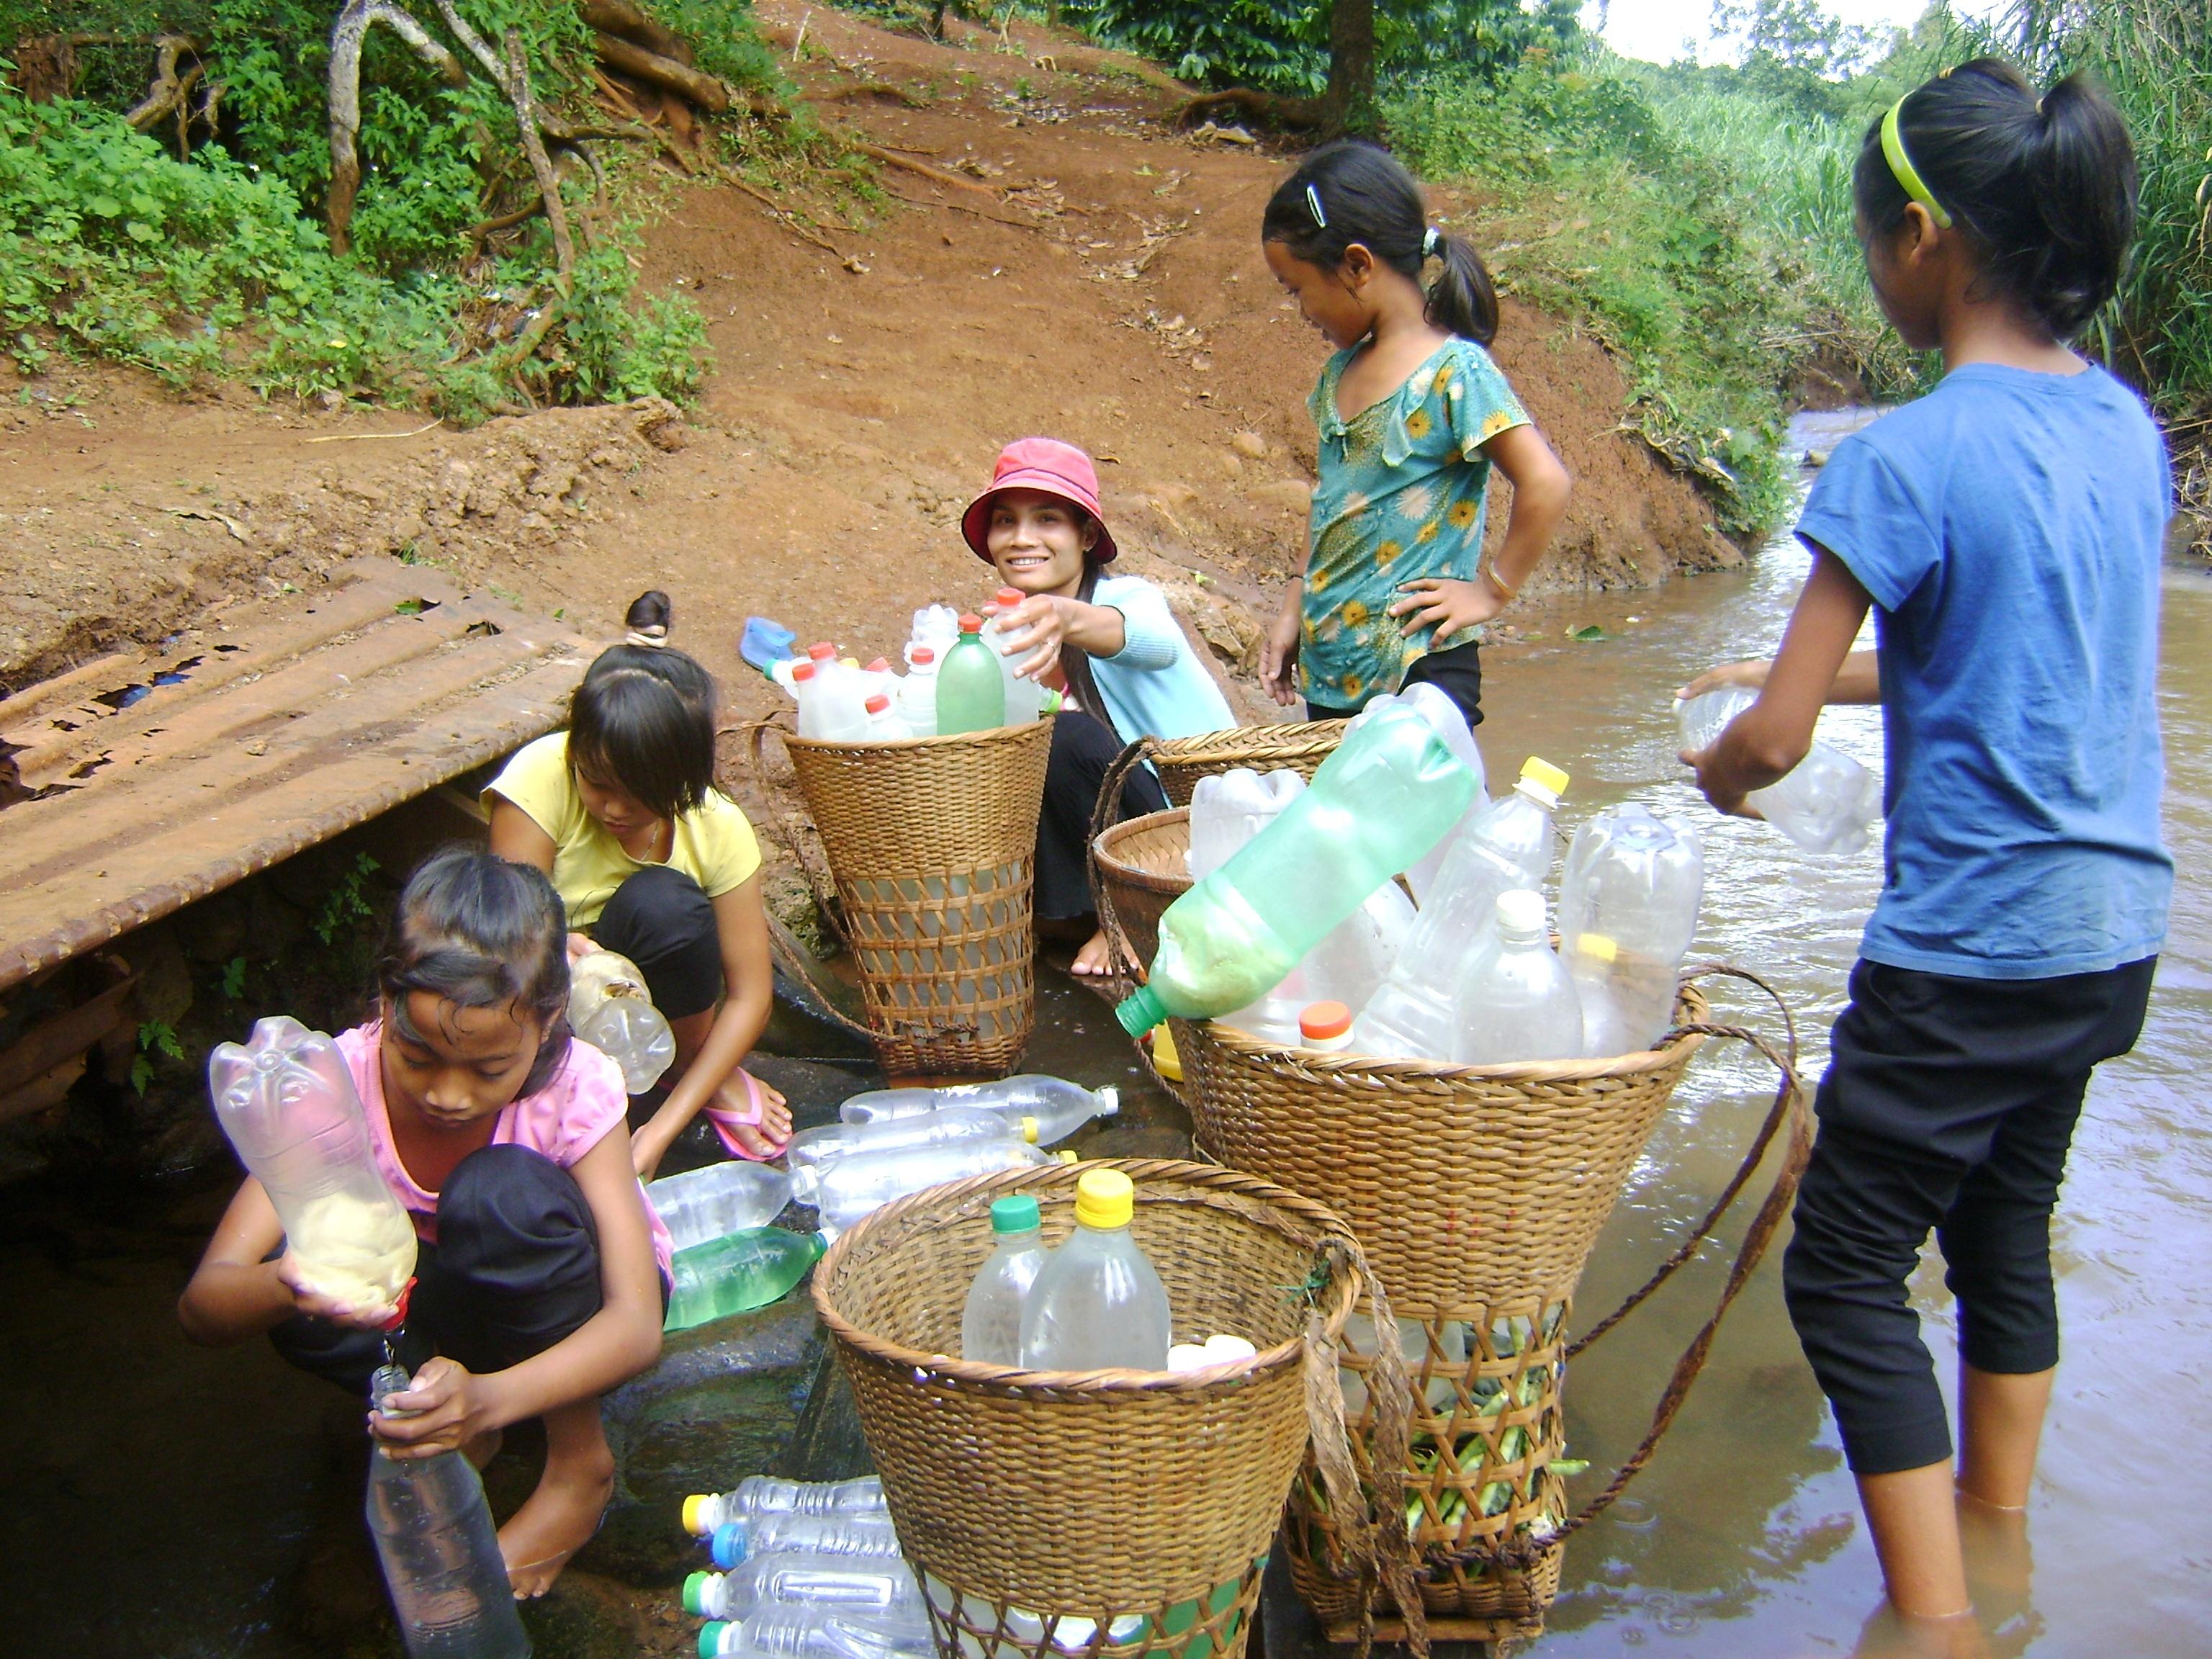 Tiêu chuẩn cấp nước sinh hoạt mới nhất có những ý nghĩa như thế nào.